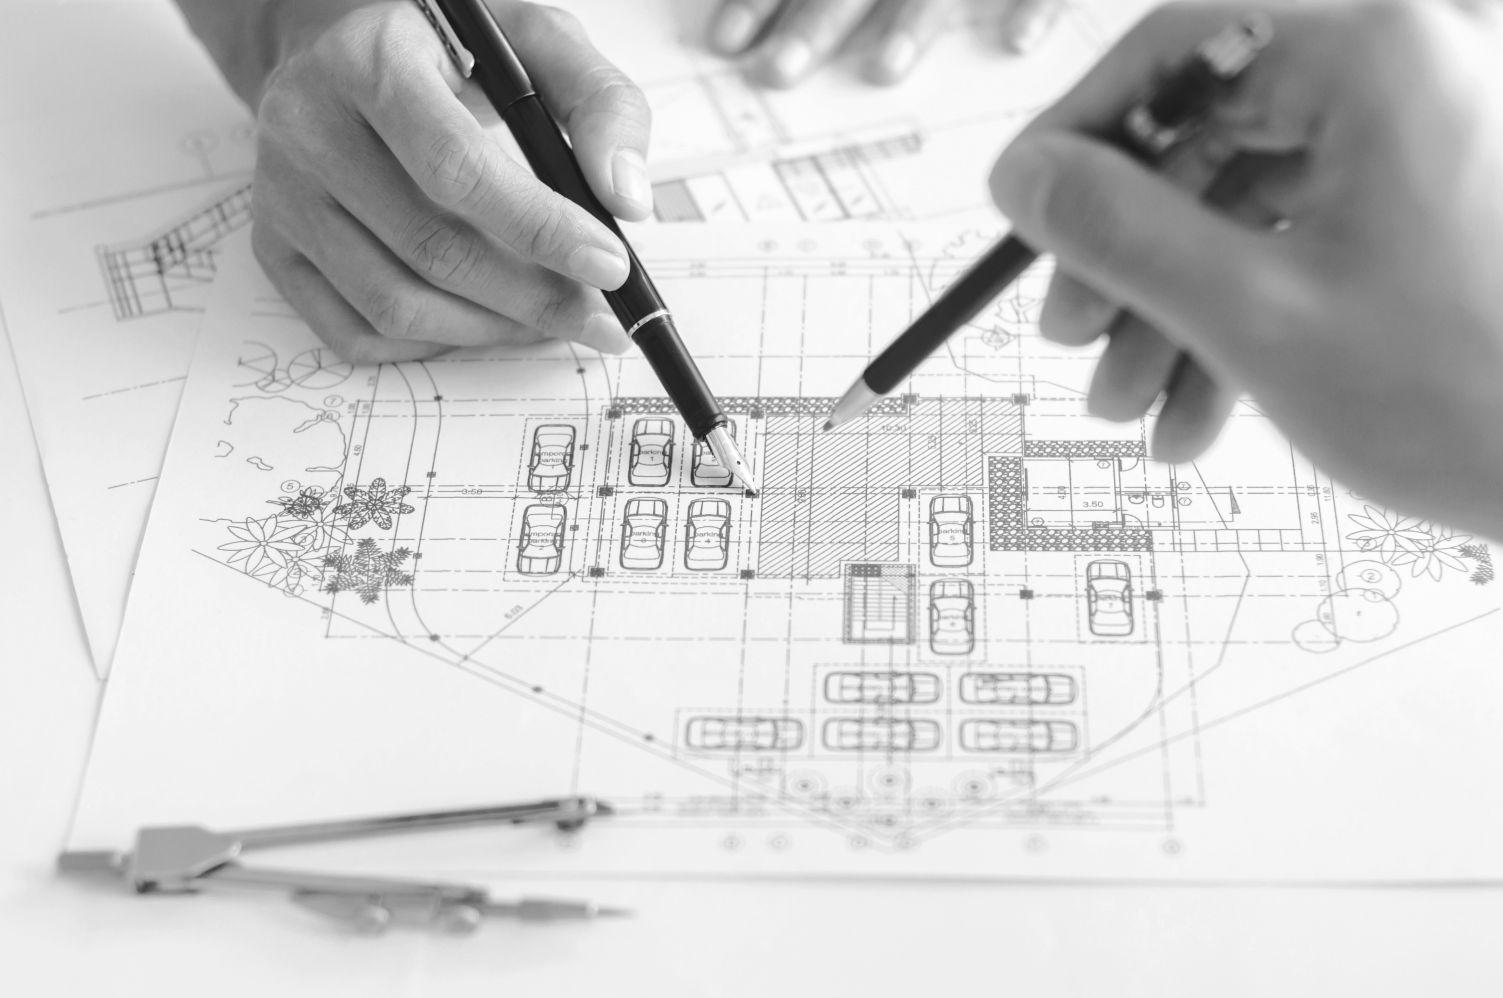 Hochbau und Architektur Sachverständige Haiden udn Menhofer